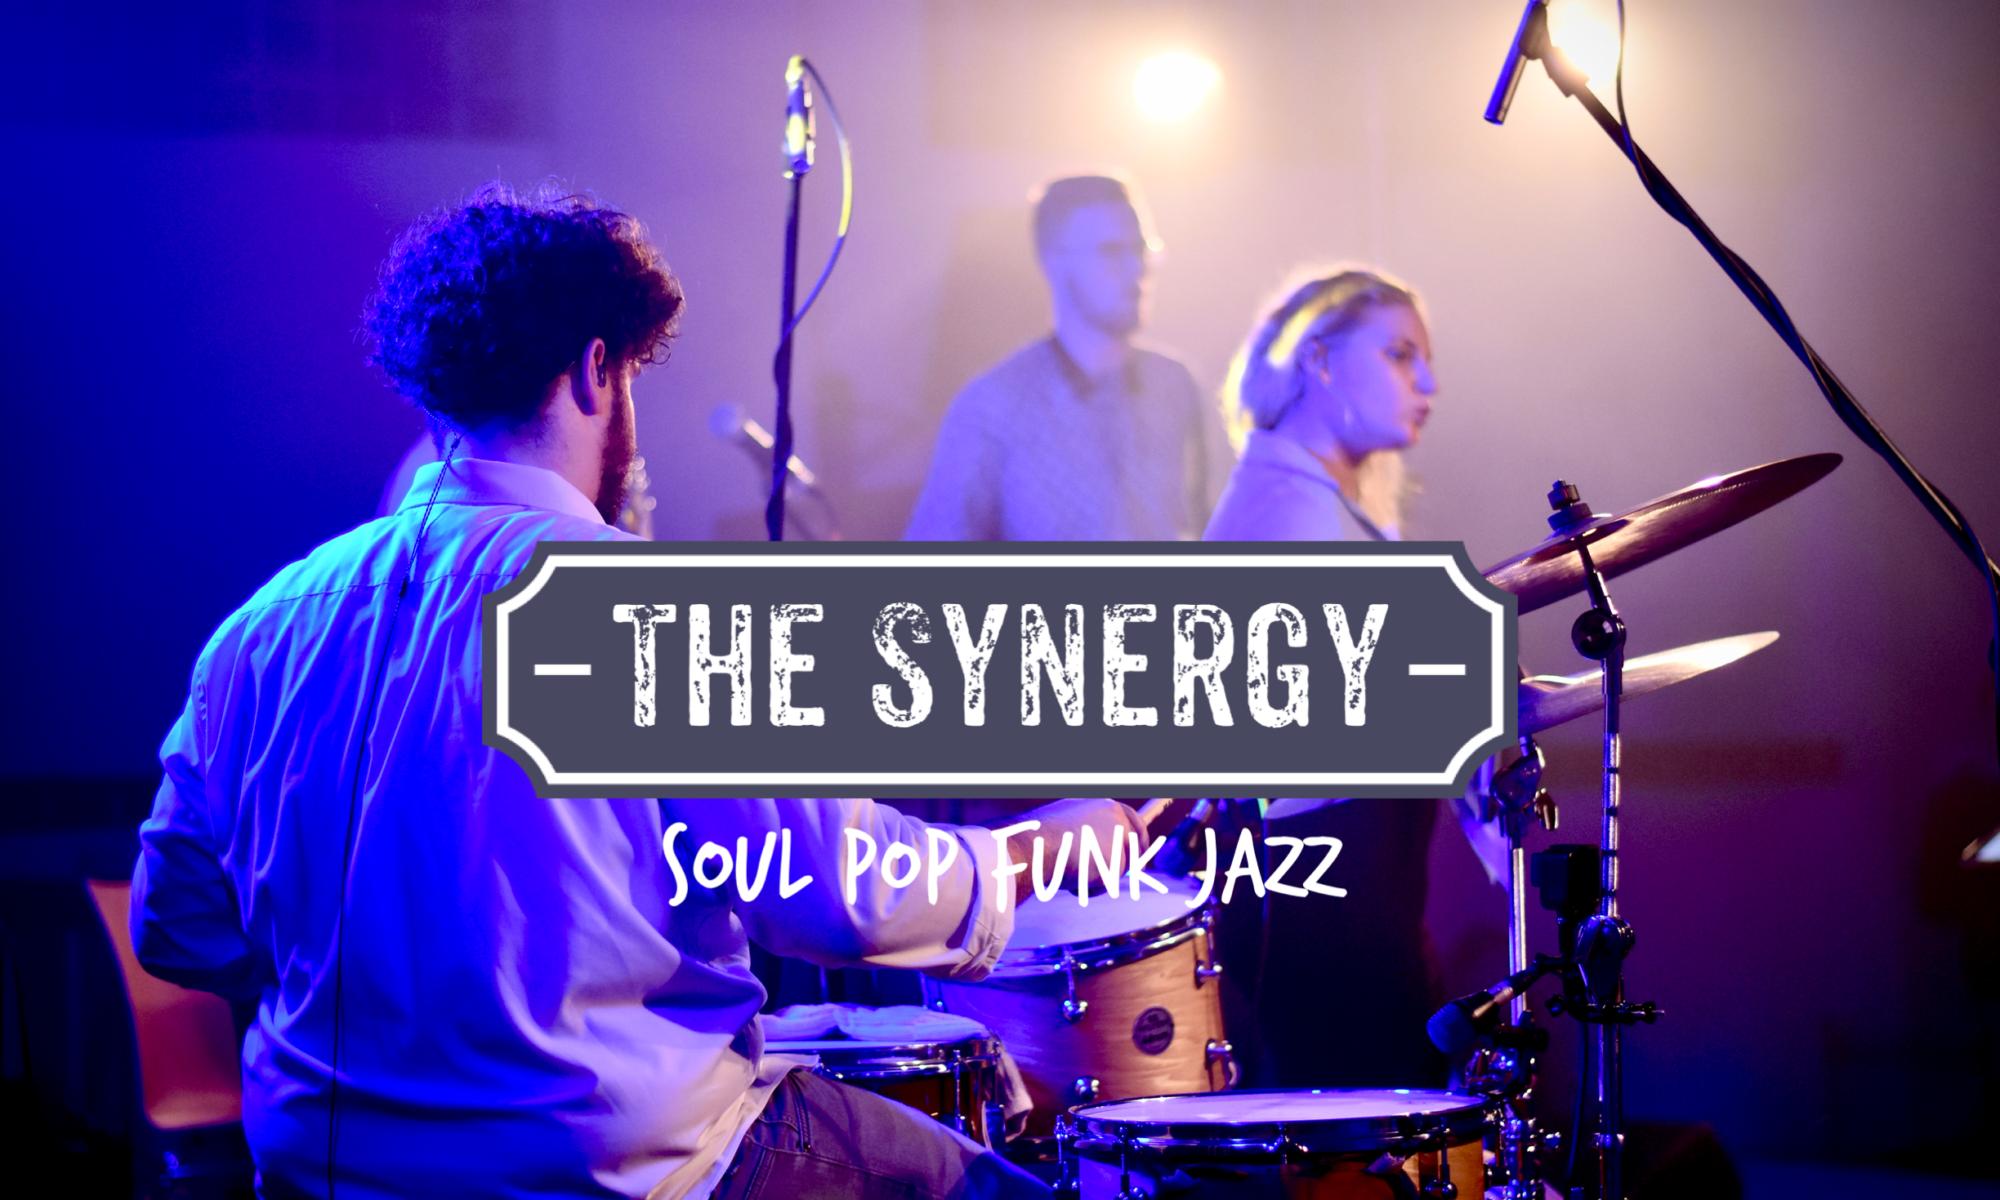 The Synergy